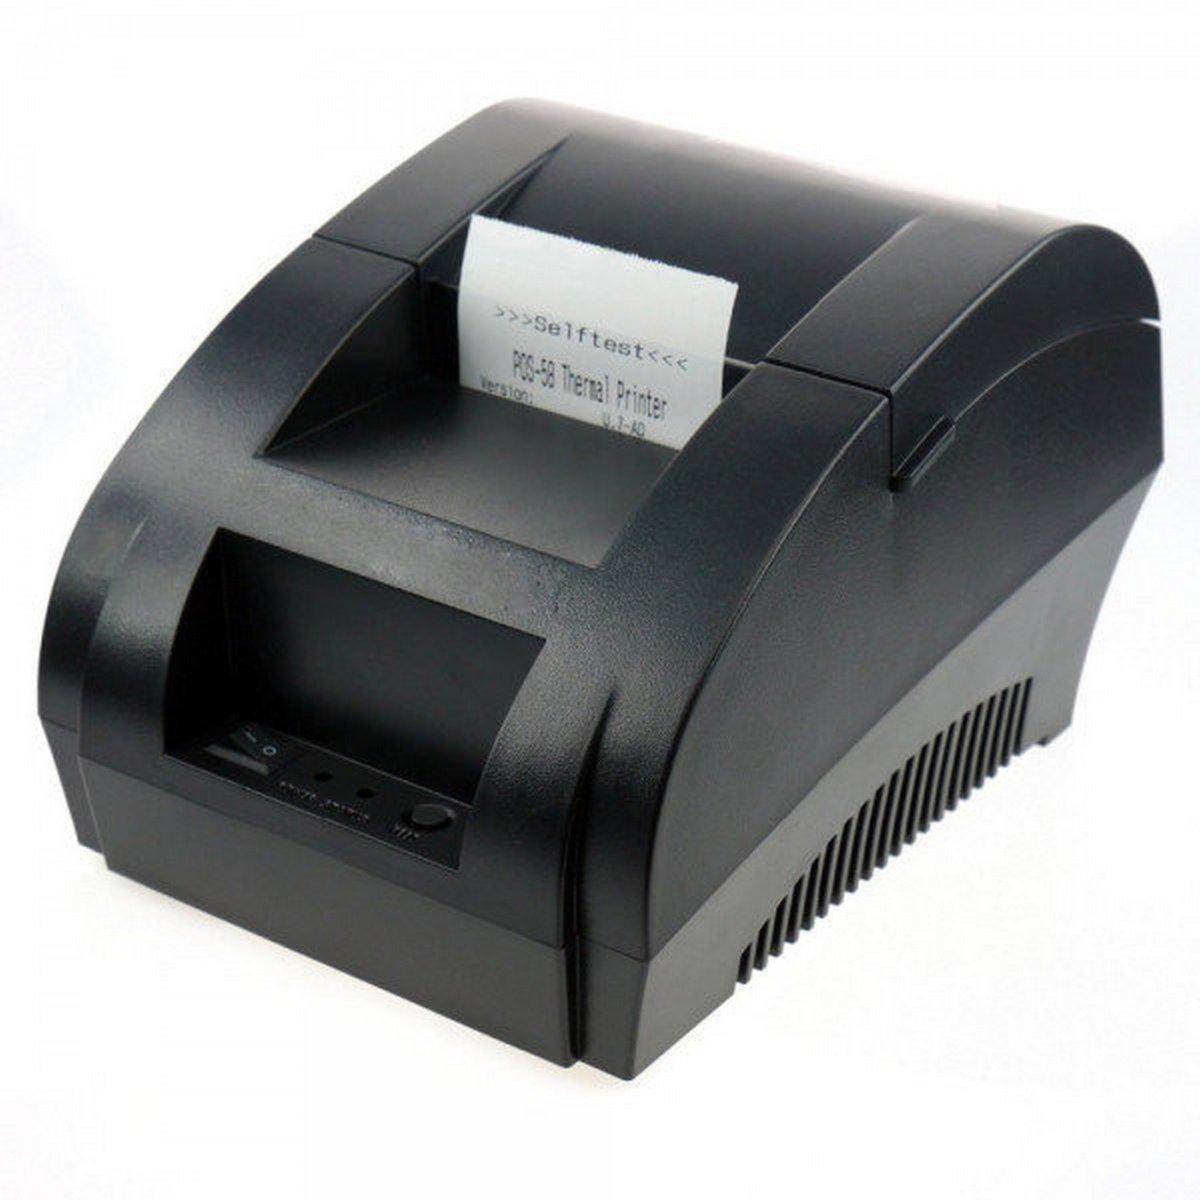 POS-принтер Netum POS-5890K Black (POS-5890K)